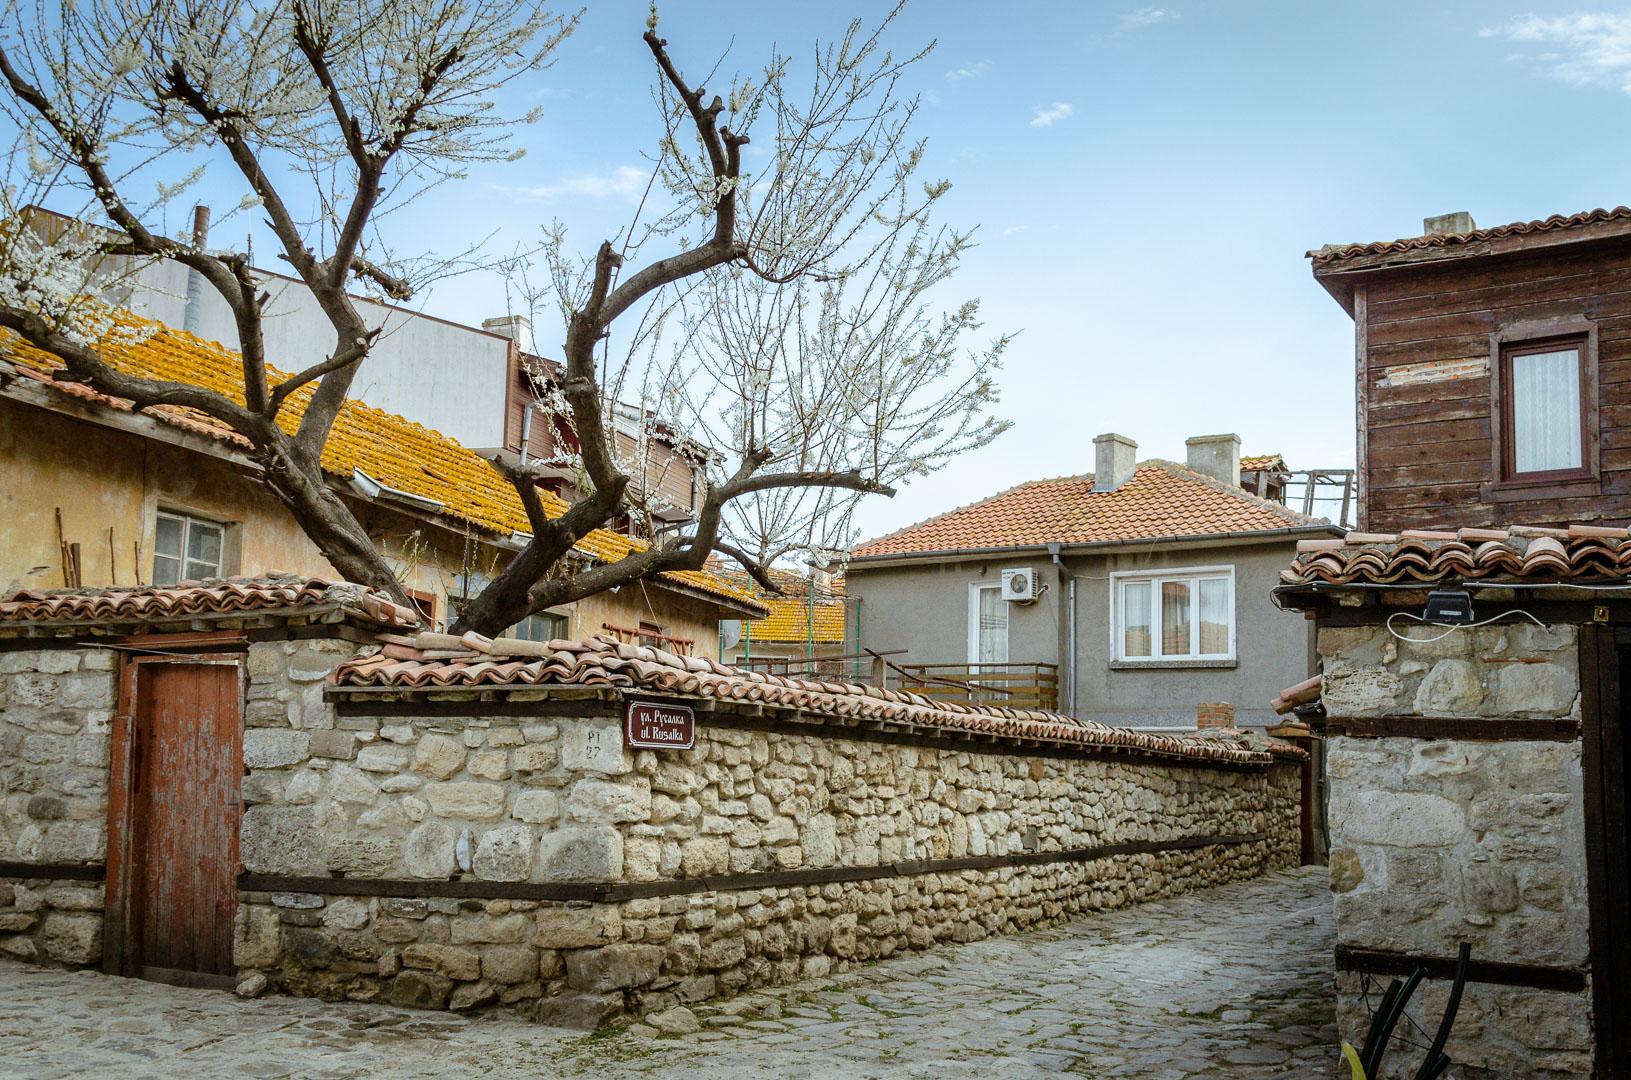 Gasse-Altstadt-Nessebar-Bulgarien